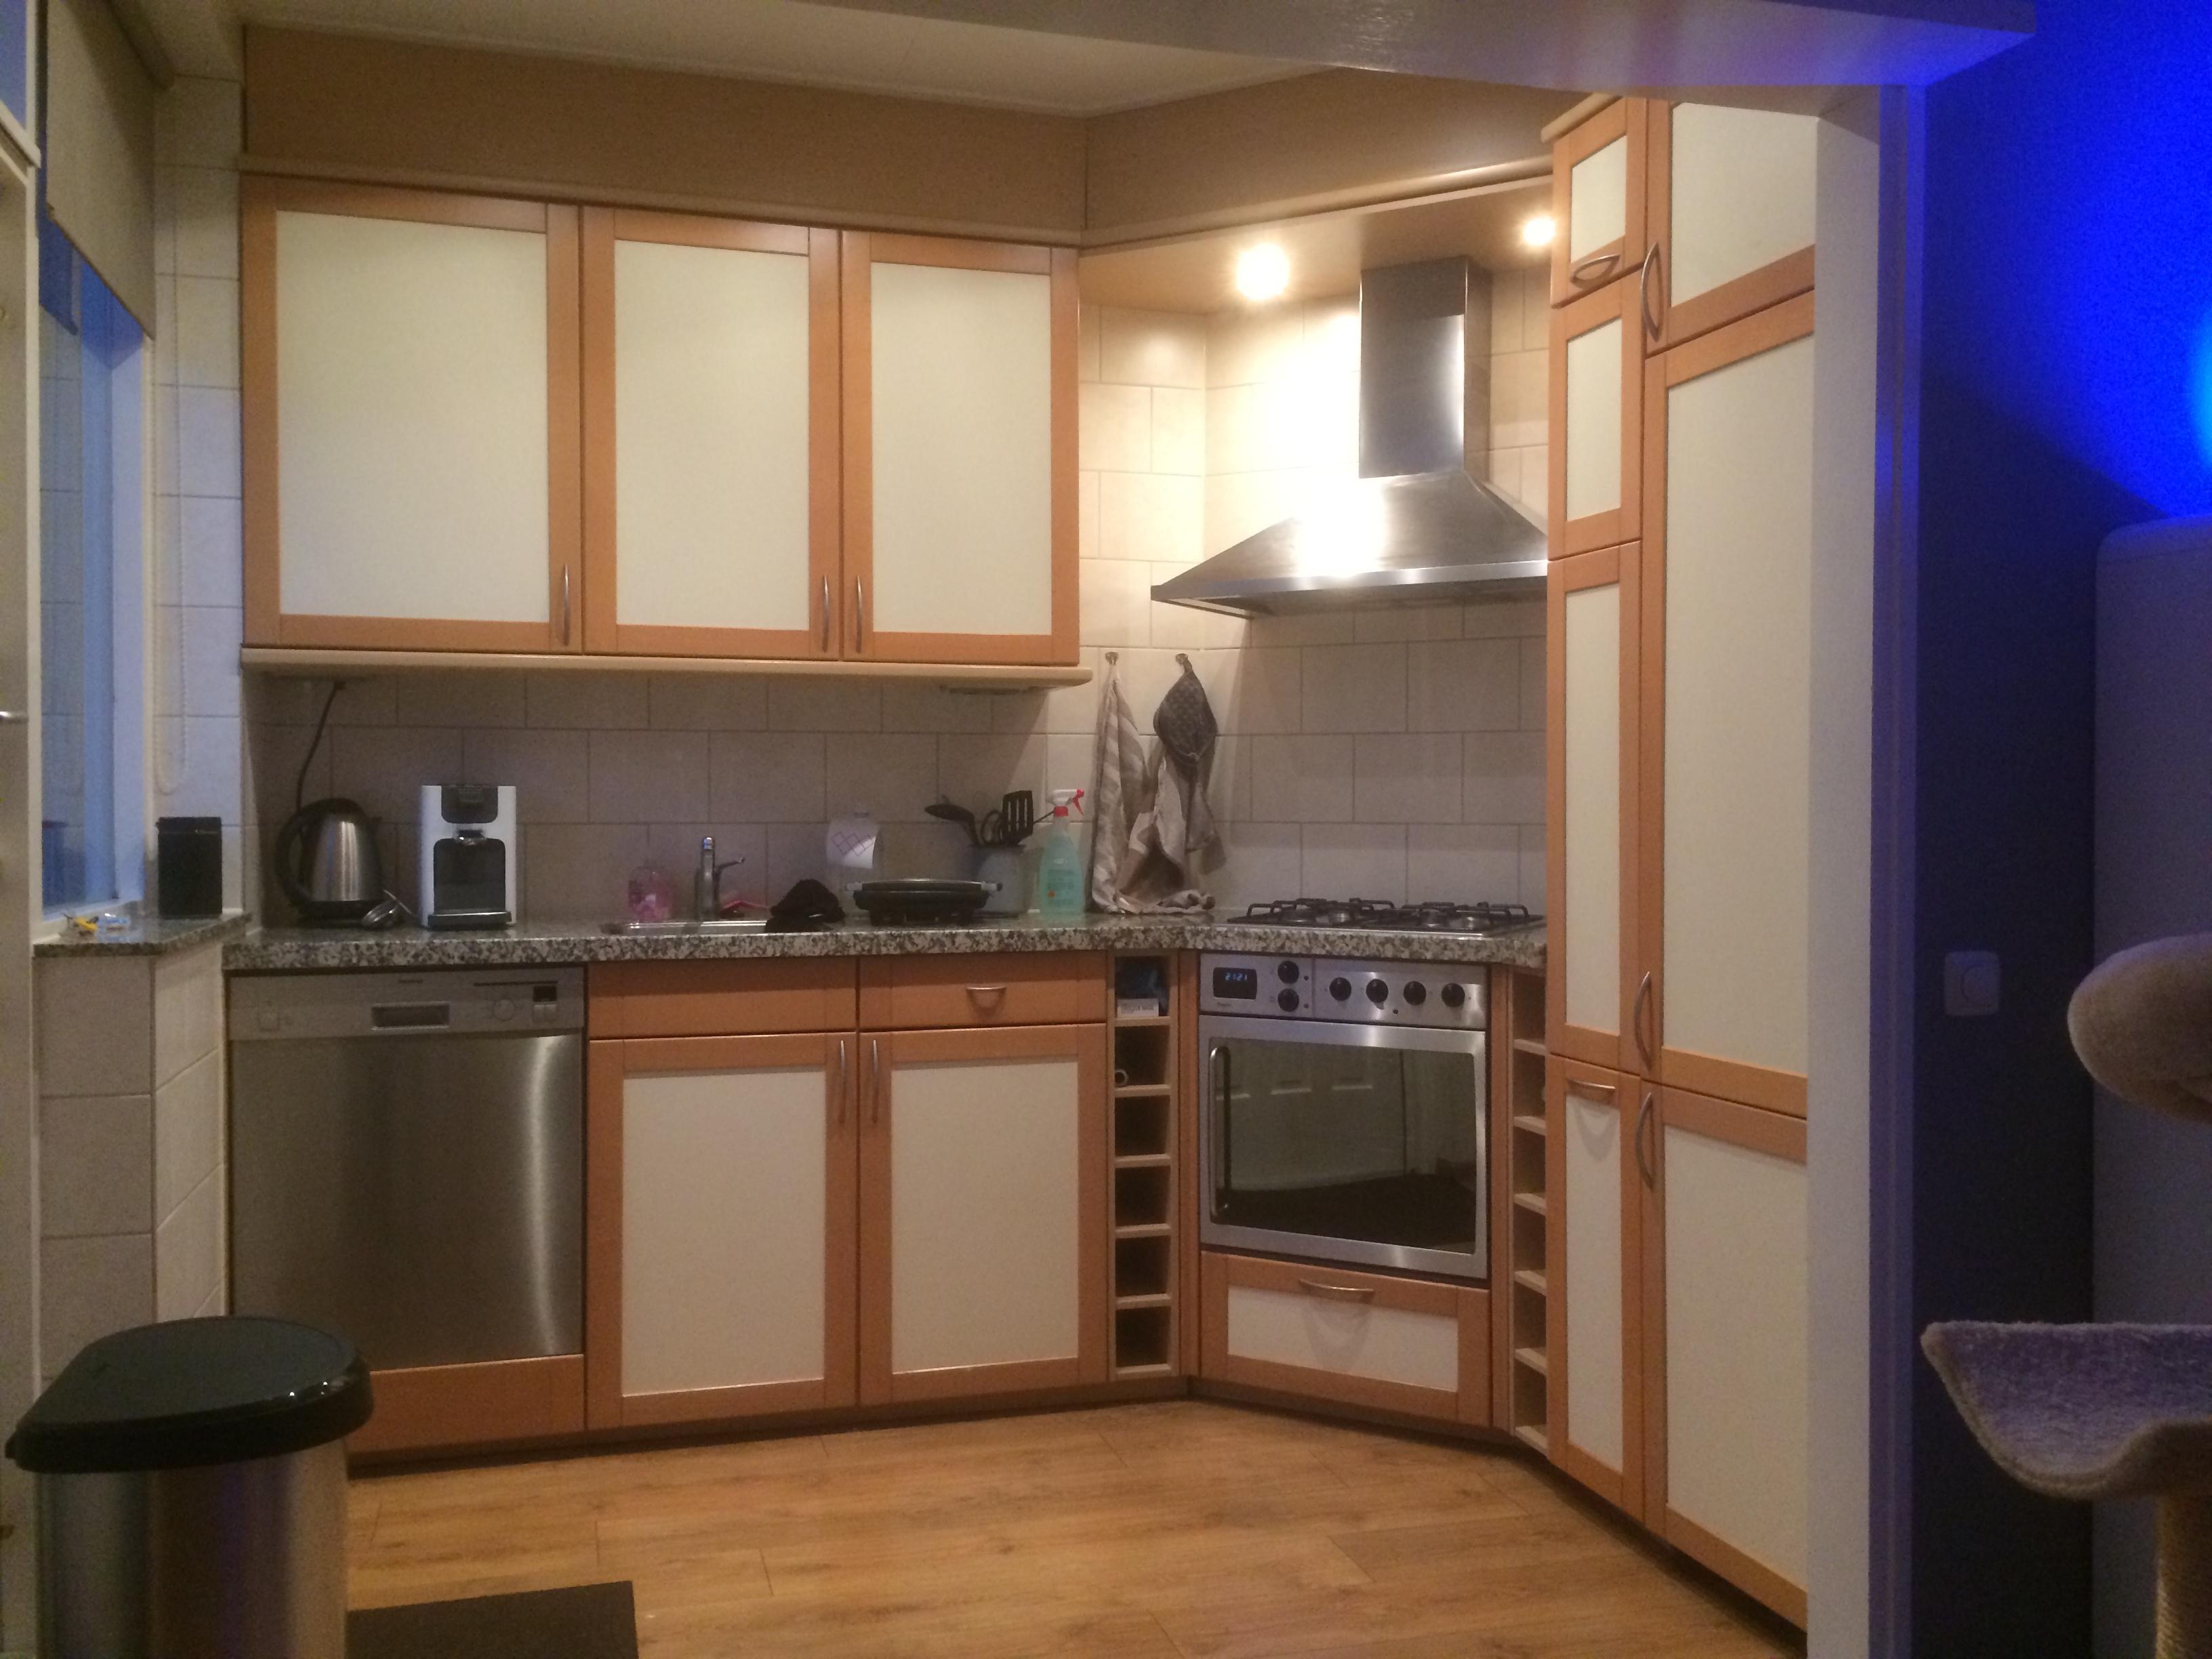 Houten Keuken Lades : Keuken – van hout wit naar metallic grijs!